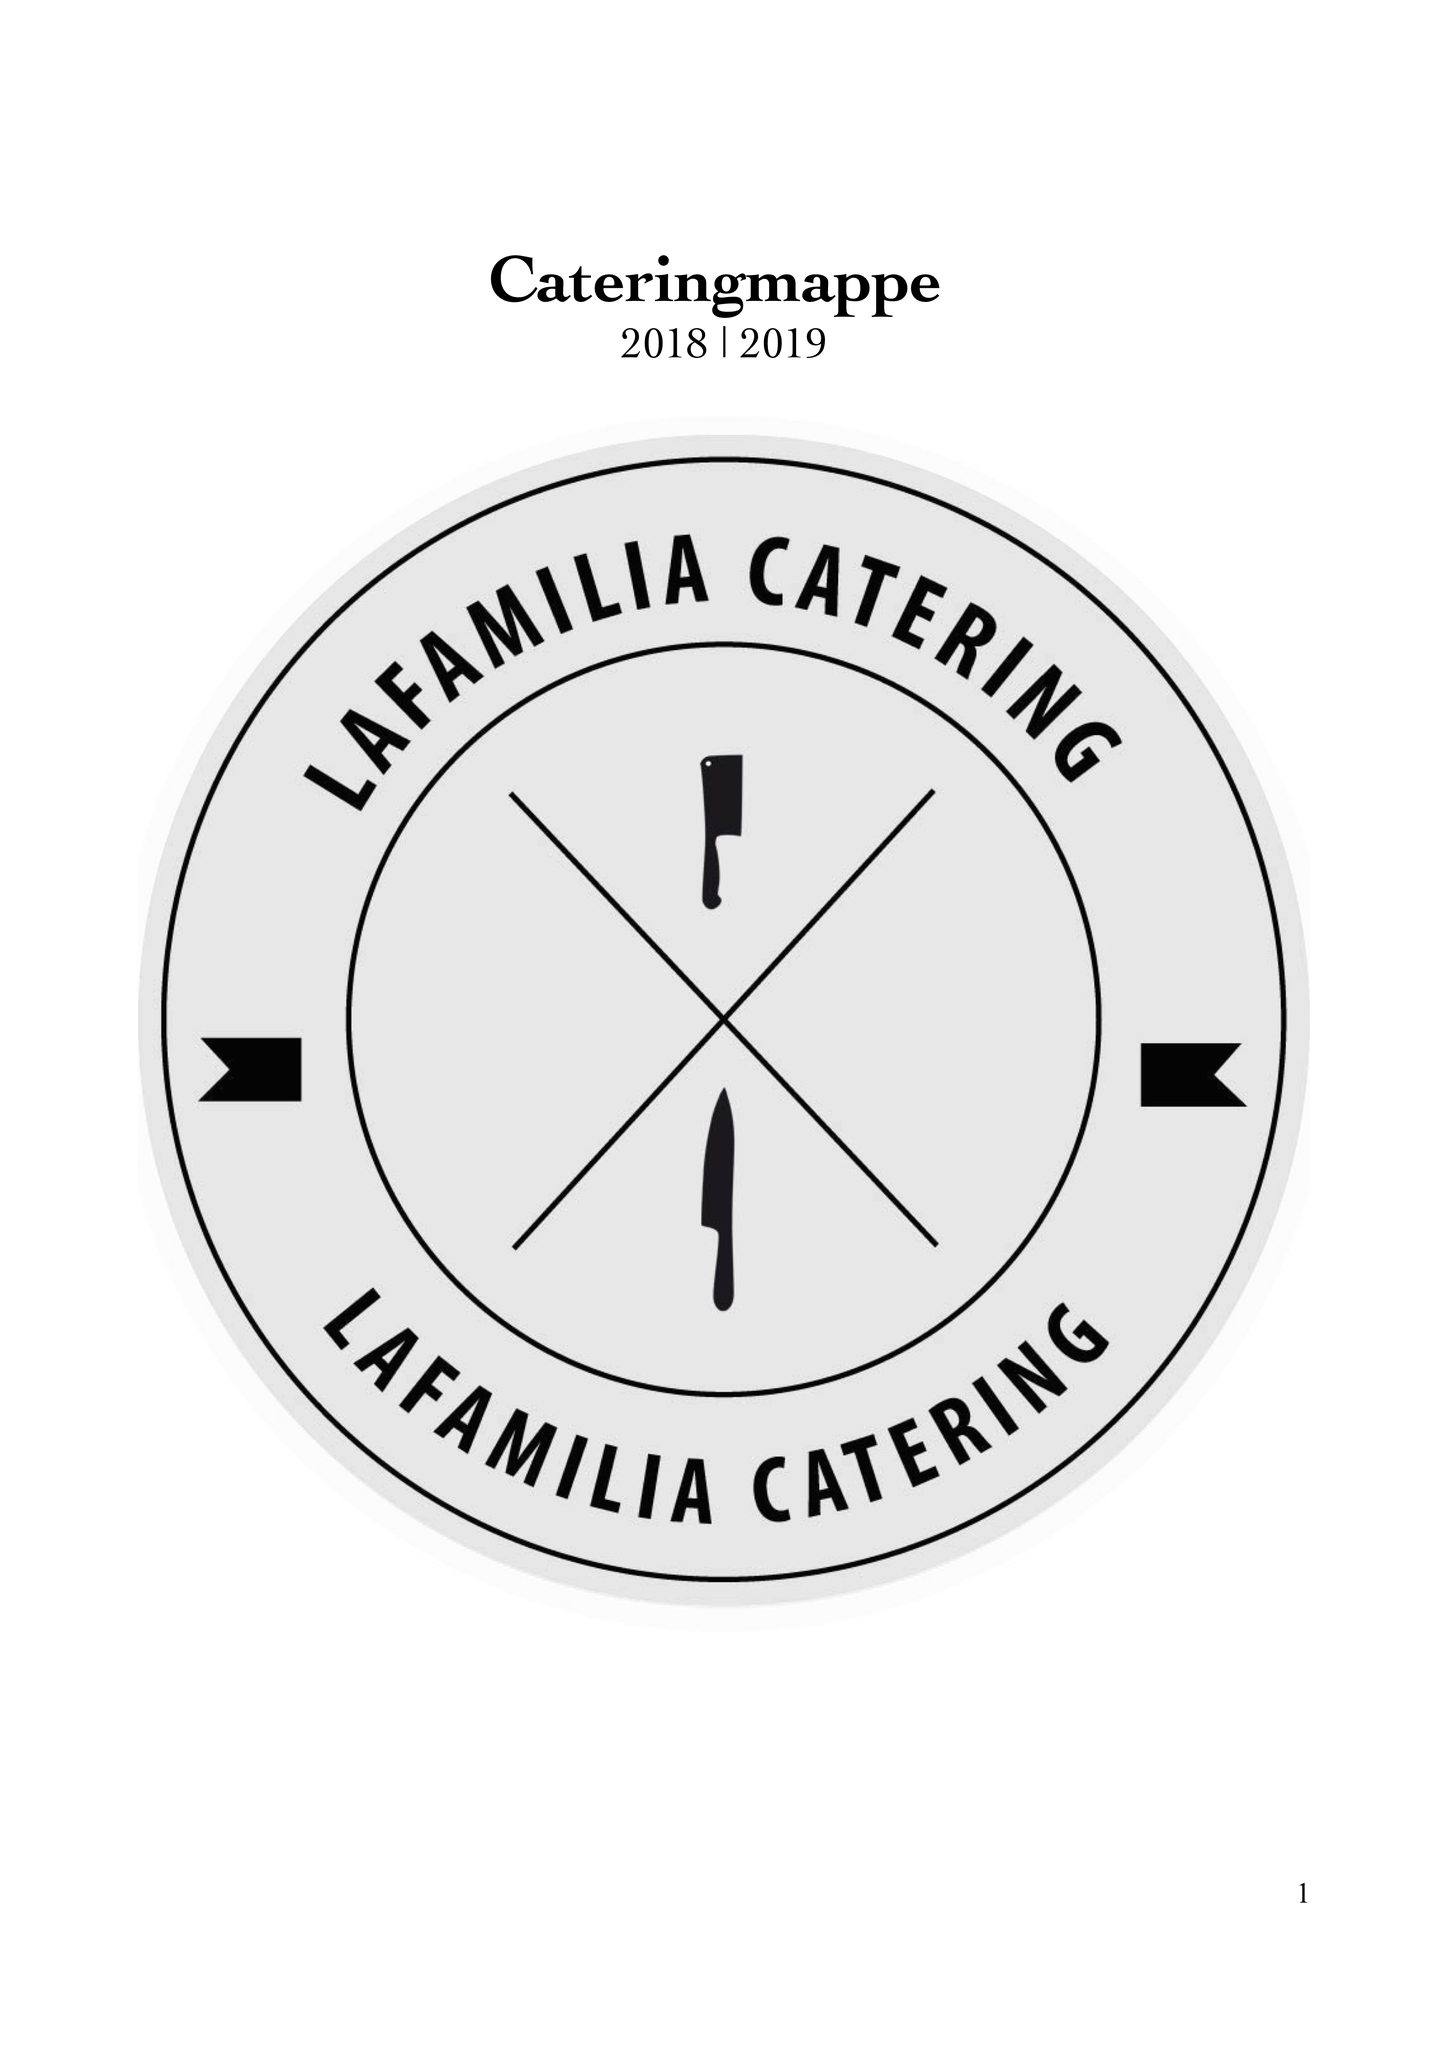 Cateringmappe Lafamilia Catering